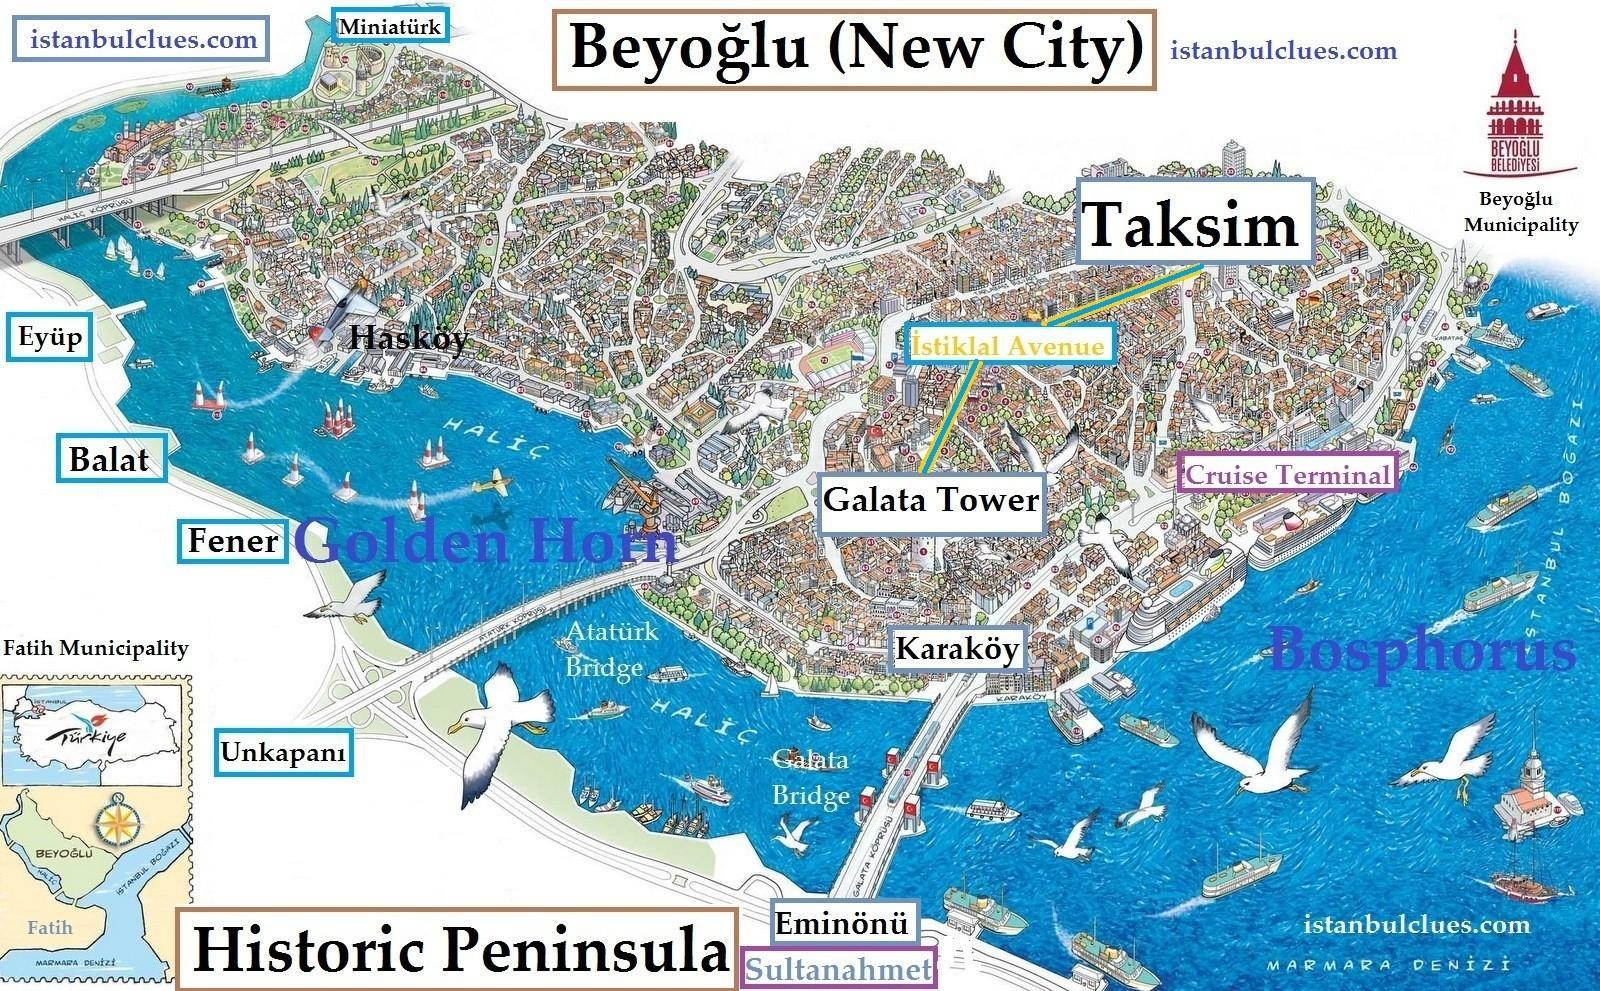 Karte Anzeigen.Taksim Istanbul Karte Istanbul Taksim Karte Türkei